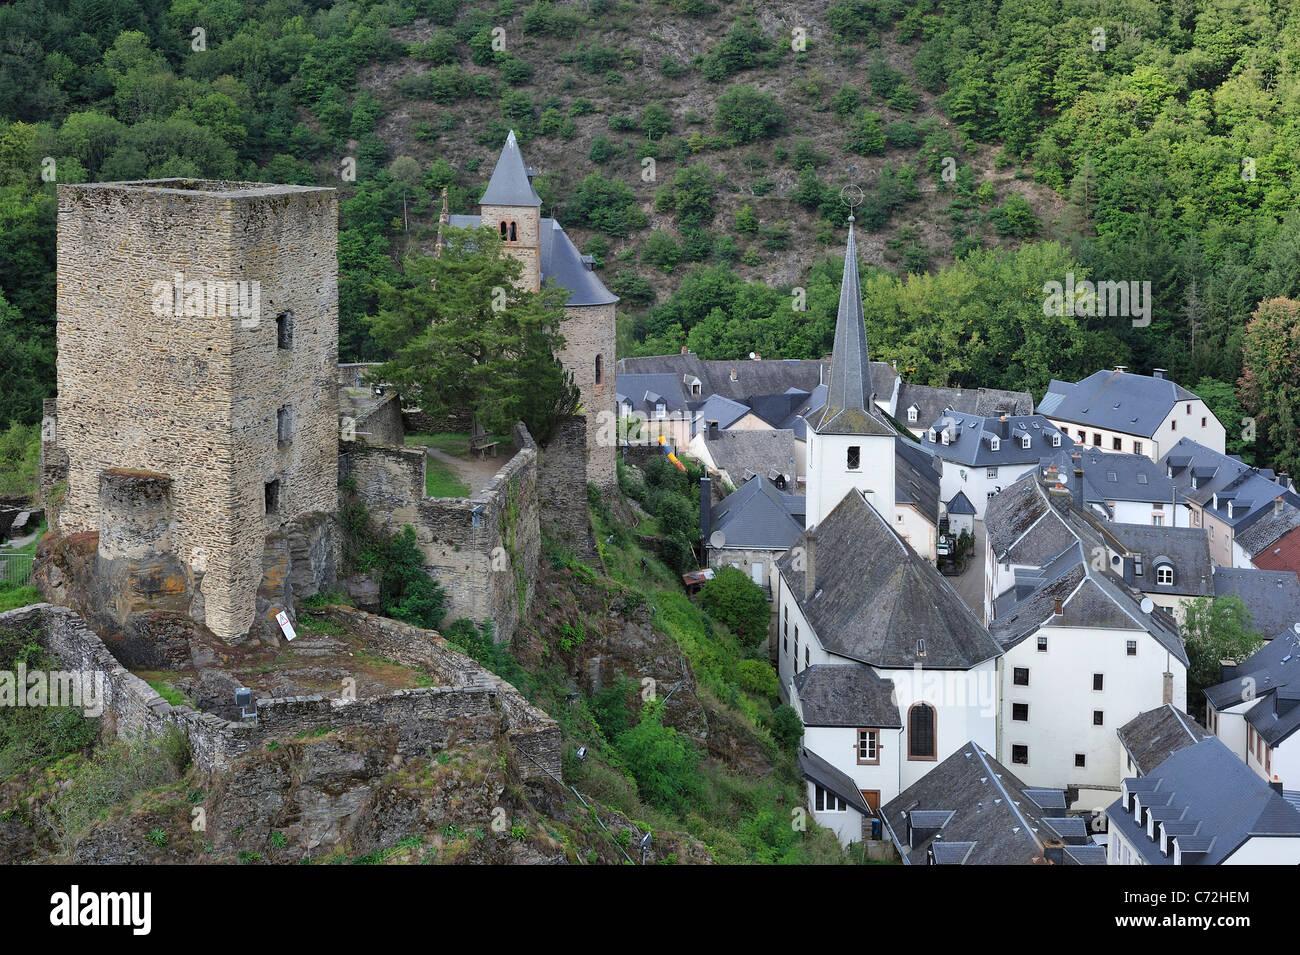 Le village Esch-sur-Sûre / Esch-Sauer avec ruines de châteaux le long de la rivière Sauer / Sûre, Photo Stock